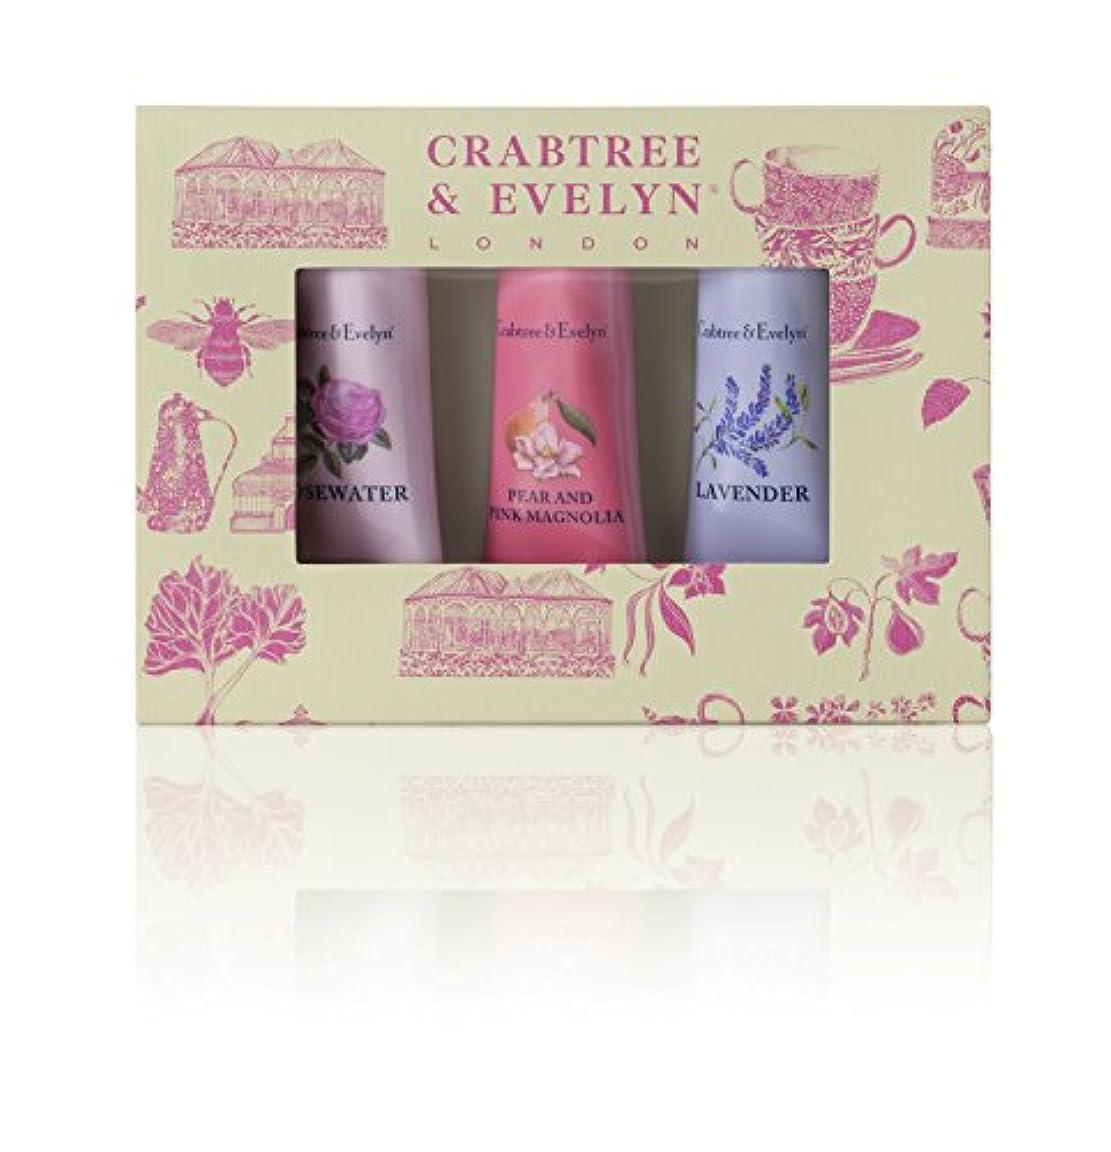 上級めるグラディスクラブツリー&イヴリン Florals Hand Therapy Set (1x Pear & Pink Magnolia, 1x Rosewater, 1x Lavender) 3x25g/0.9oz並行輸入品